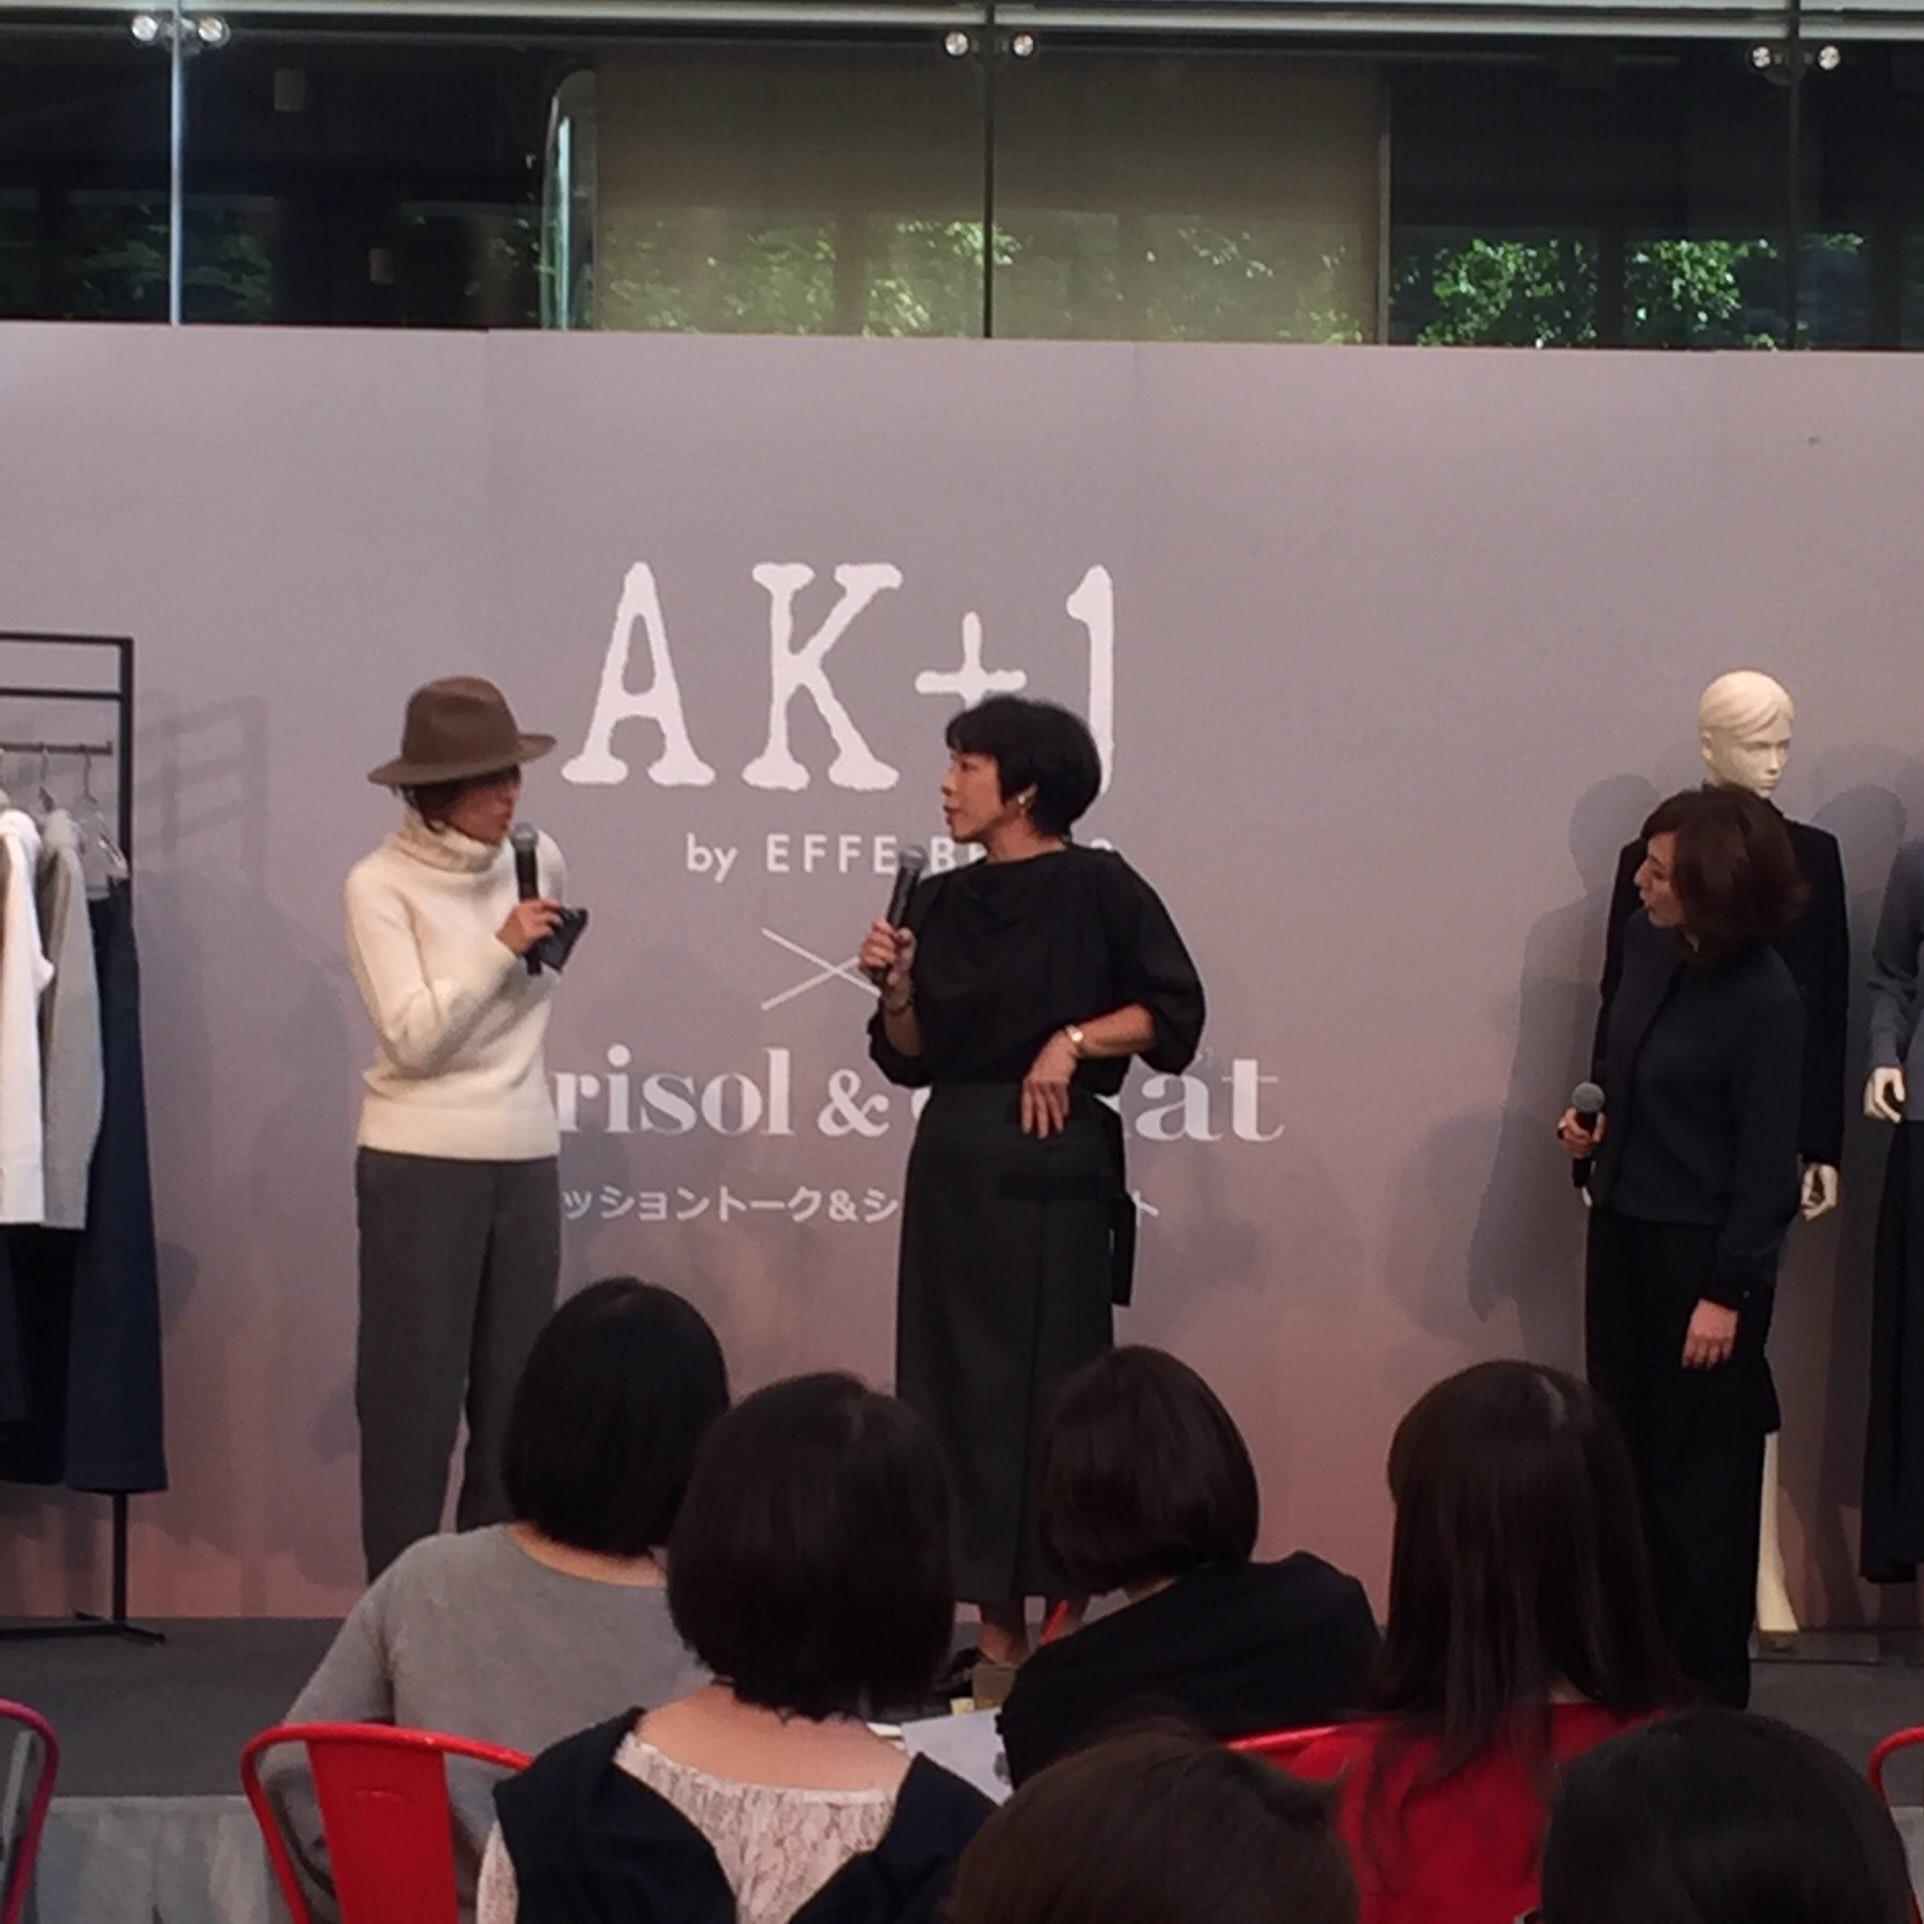 亜希さんに会えた♡AK+1 BY EFFE BEAMSイベントへ_1_3-1